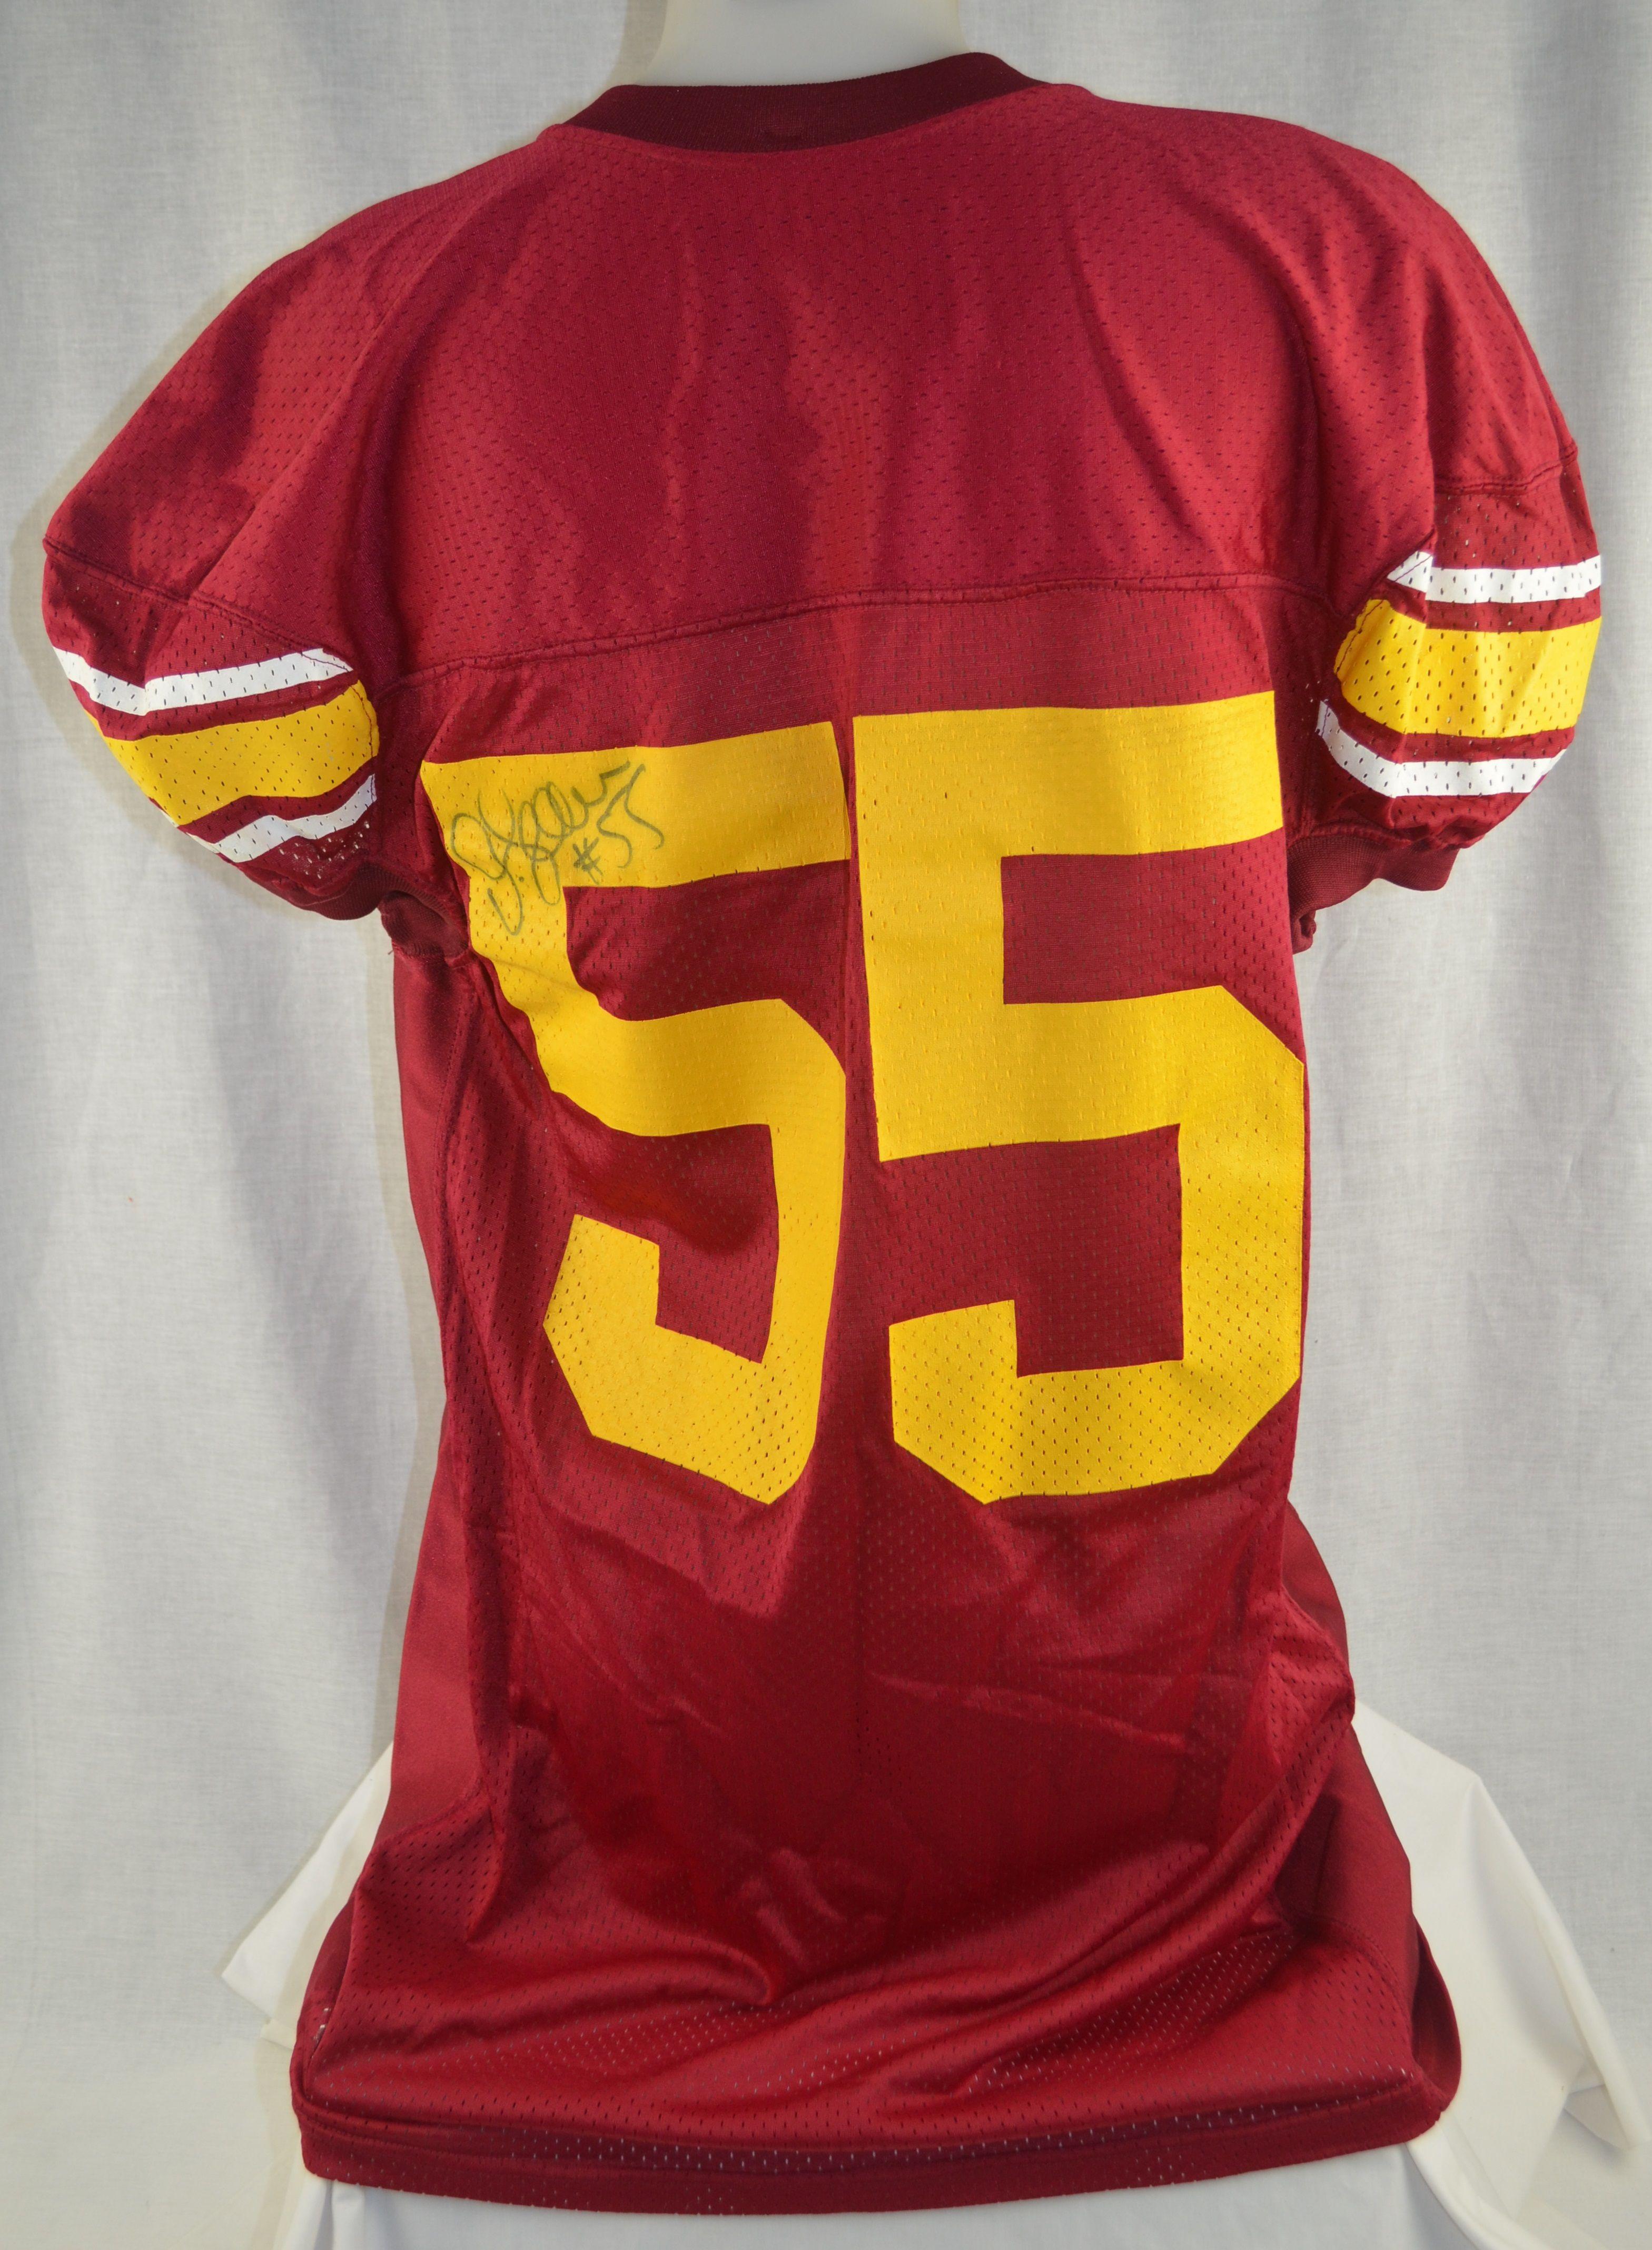 wholesale dealer 9e0cc 4f7ee Lot Detail - Junior Seau USC Trojans Autographed Jersey